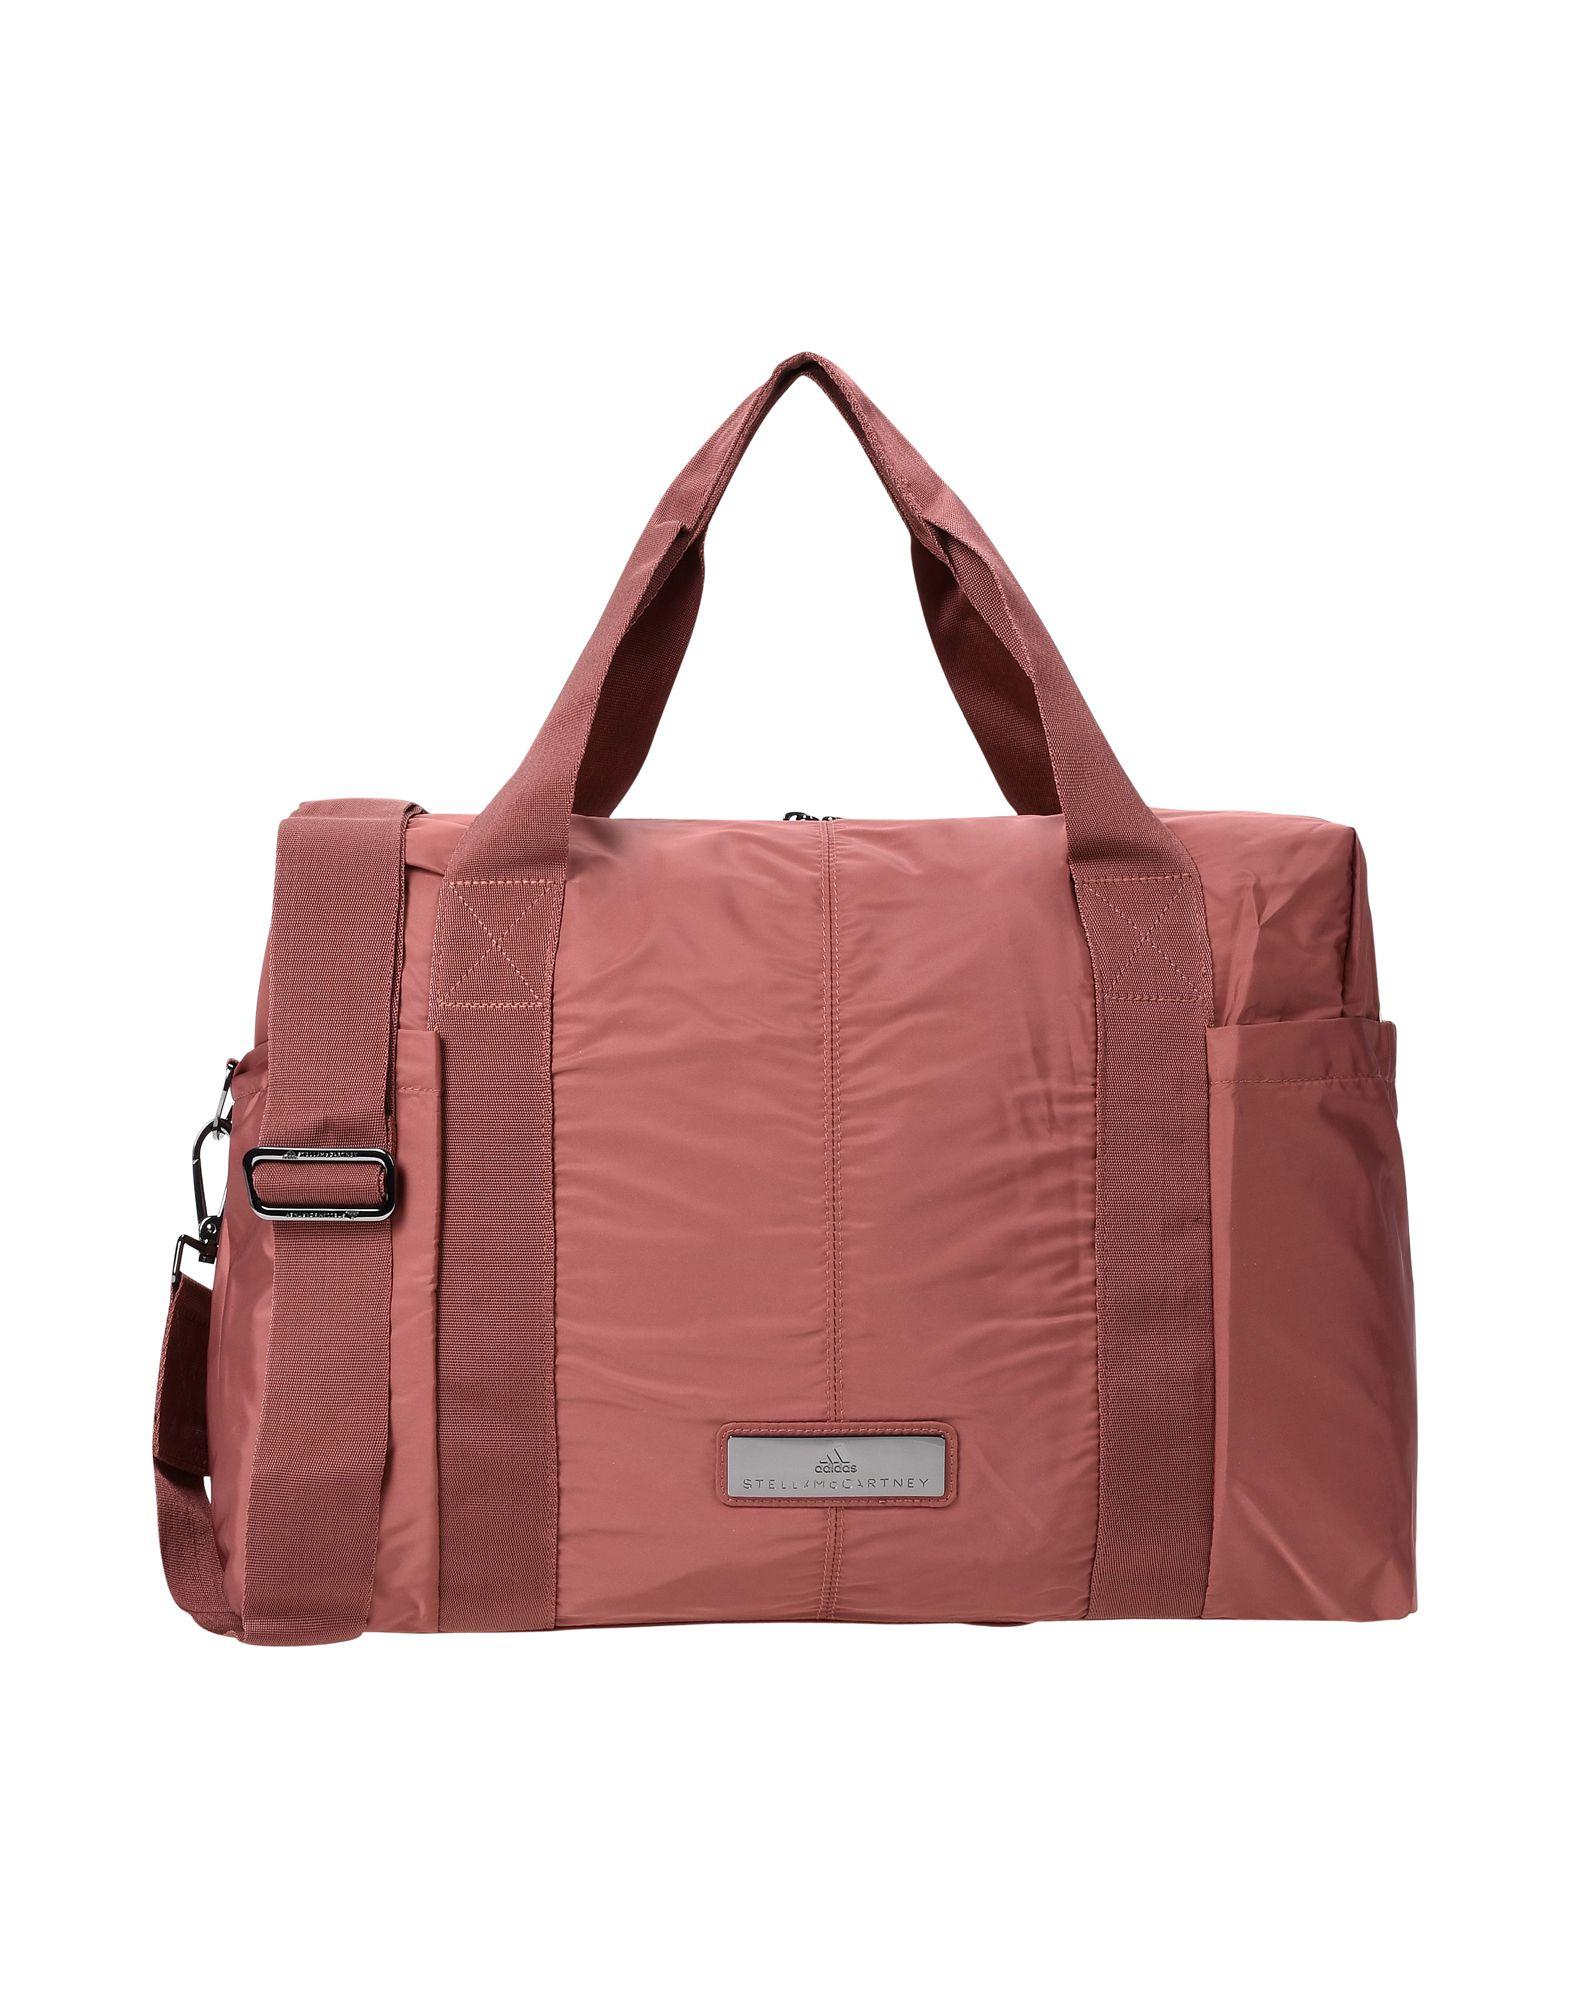 ADIDAS by STELLA McCARTNEY Дорожная сумка сумка для города adidas d85985 by stella mccartney